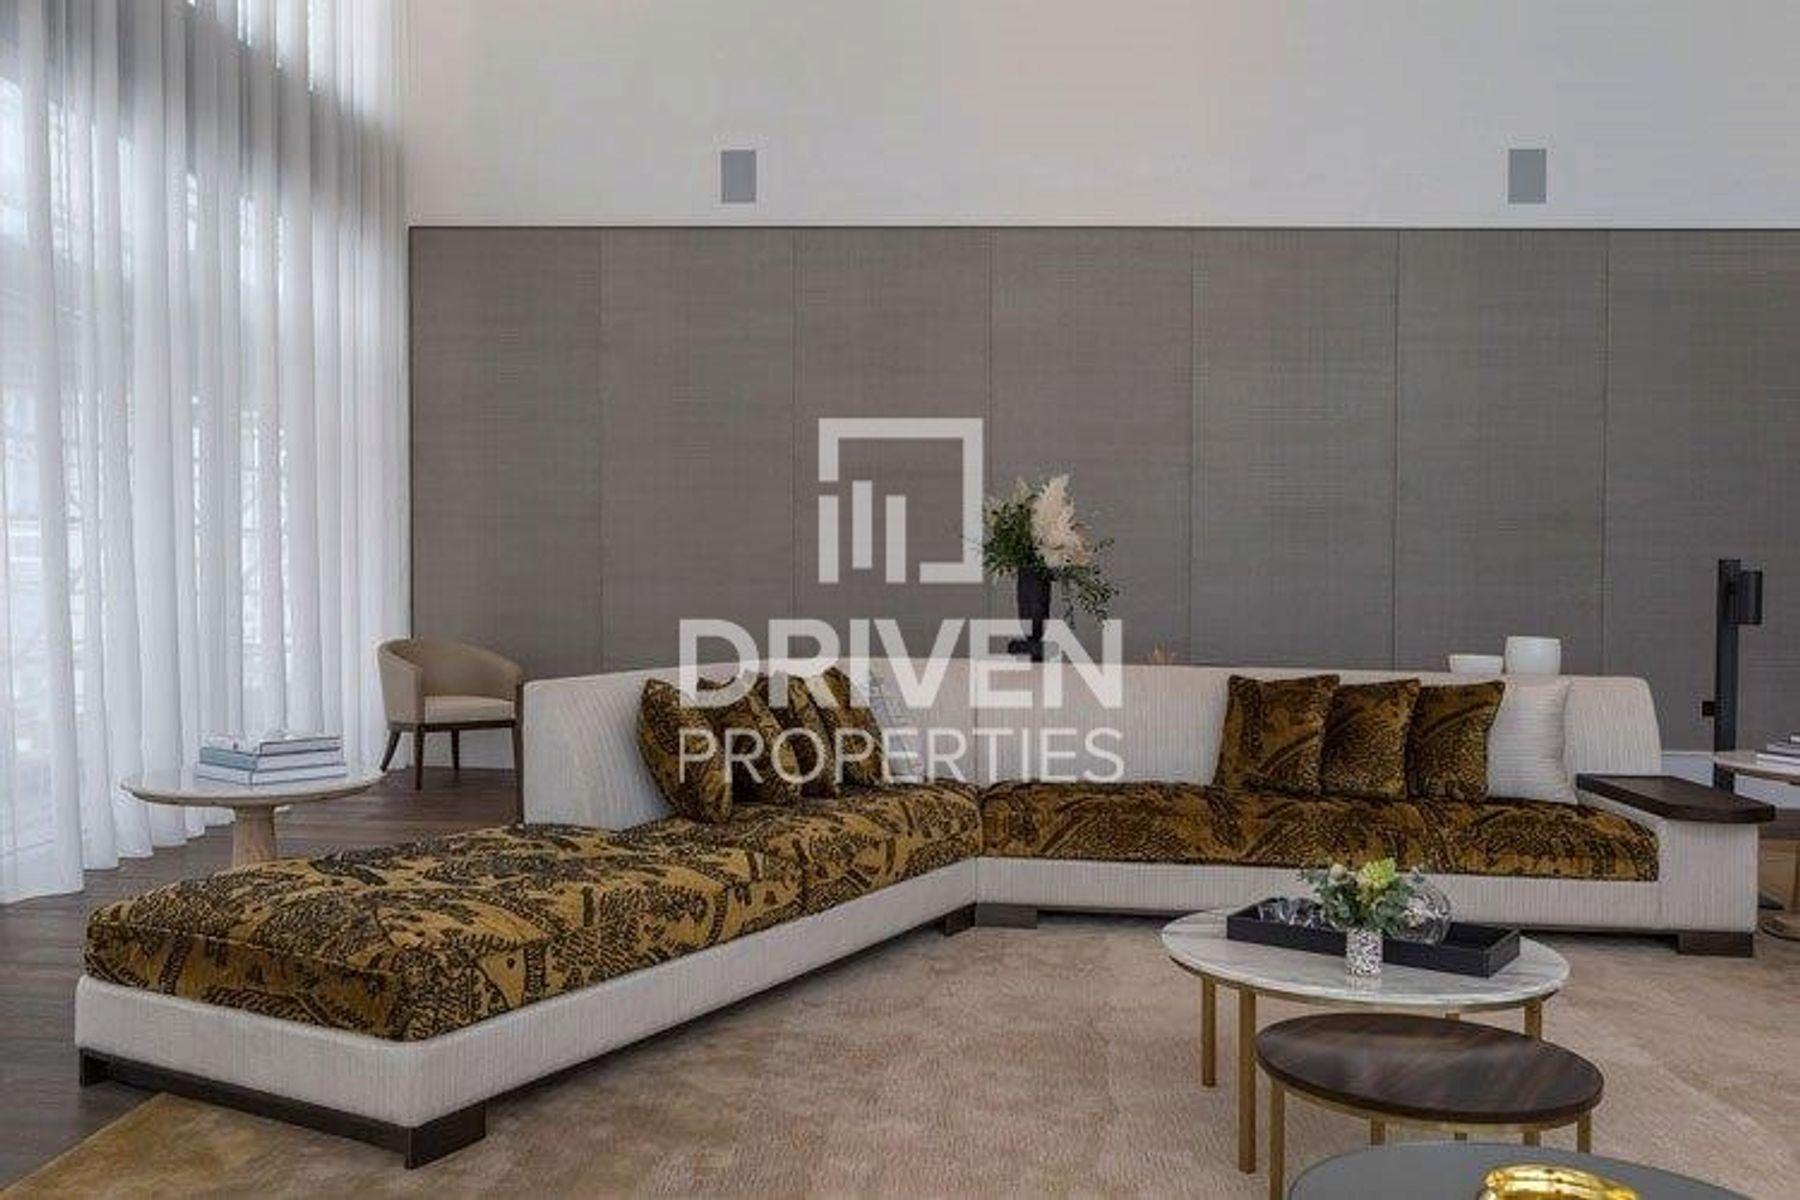 للبيع - شقة - دورشستر كوليكشن دبي - الخليج التجاري